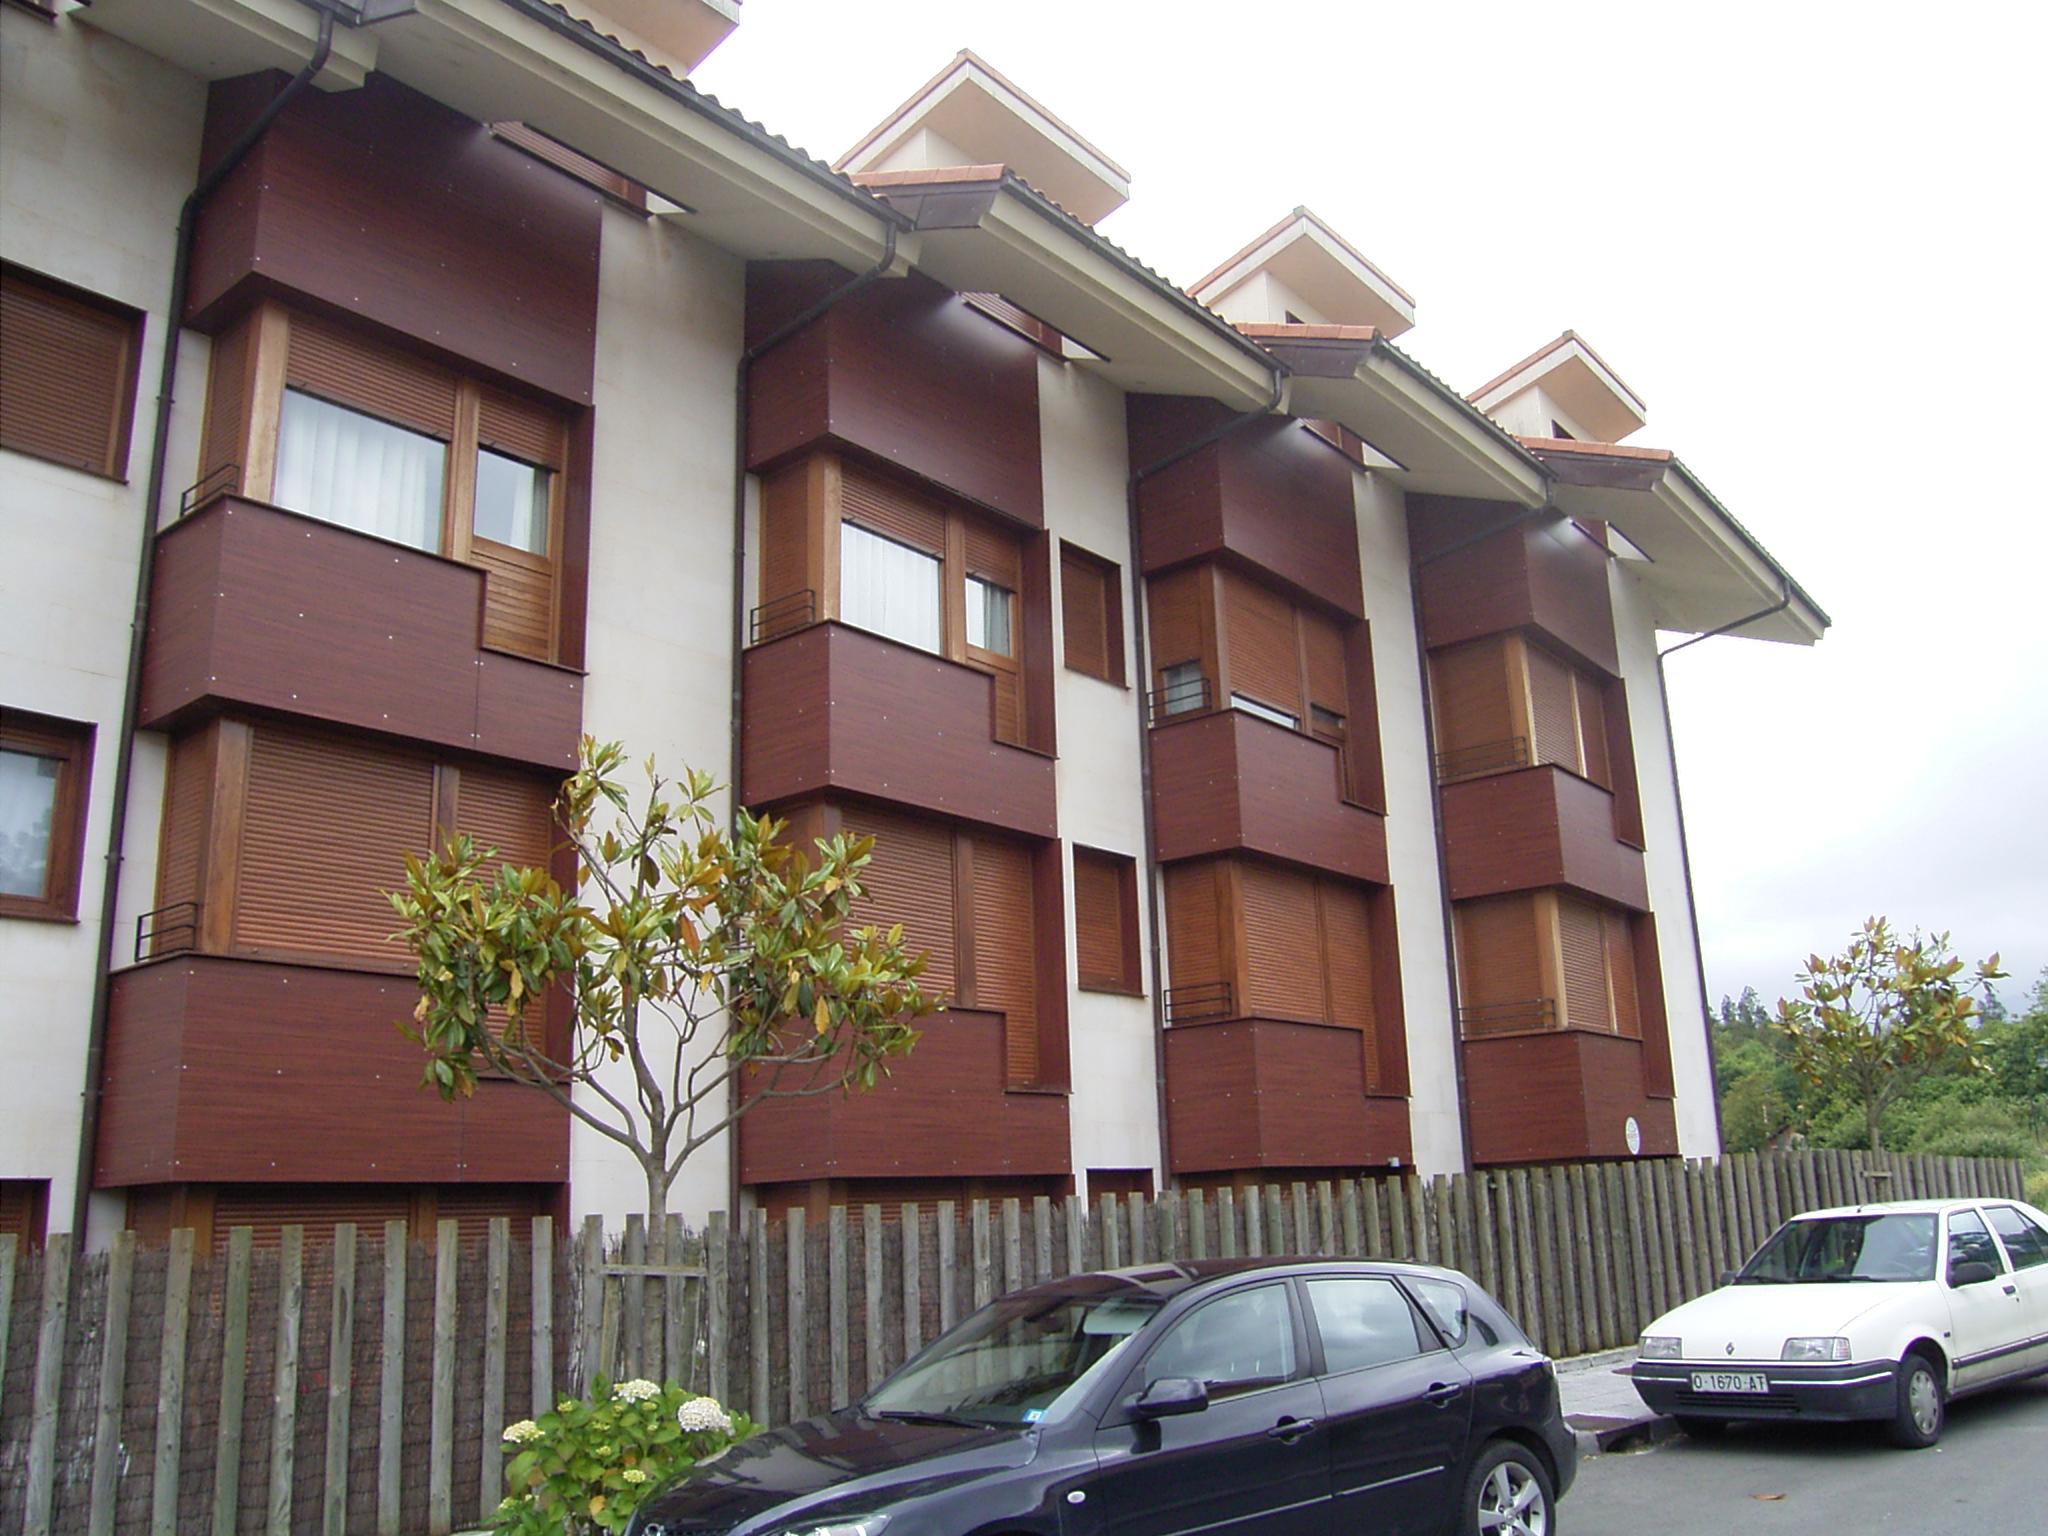 Alquiler o venta en llanes for Alquiler pisos llanes